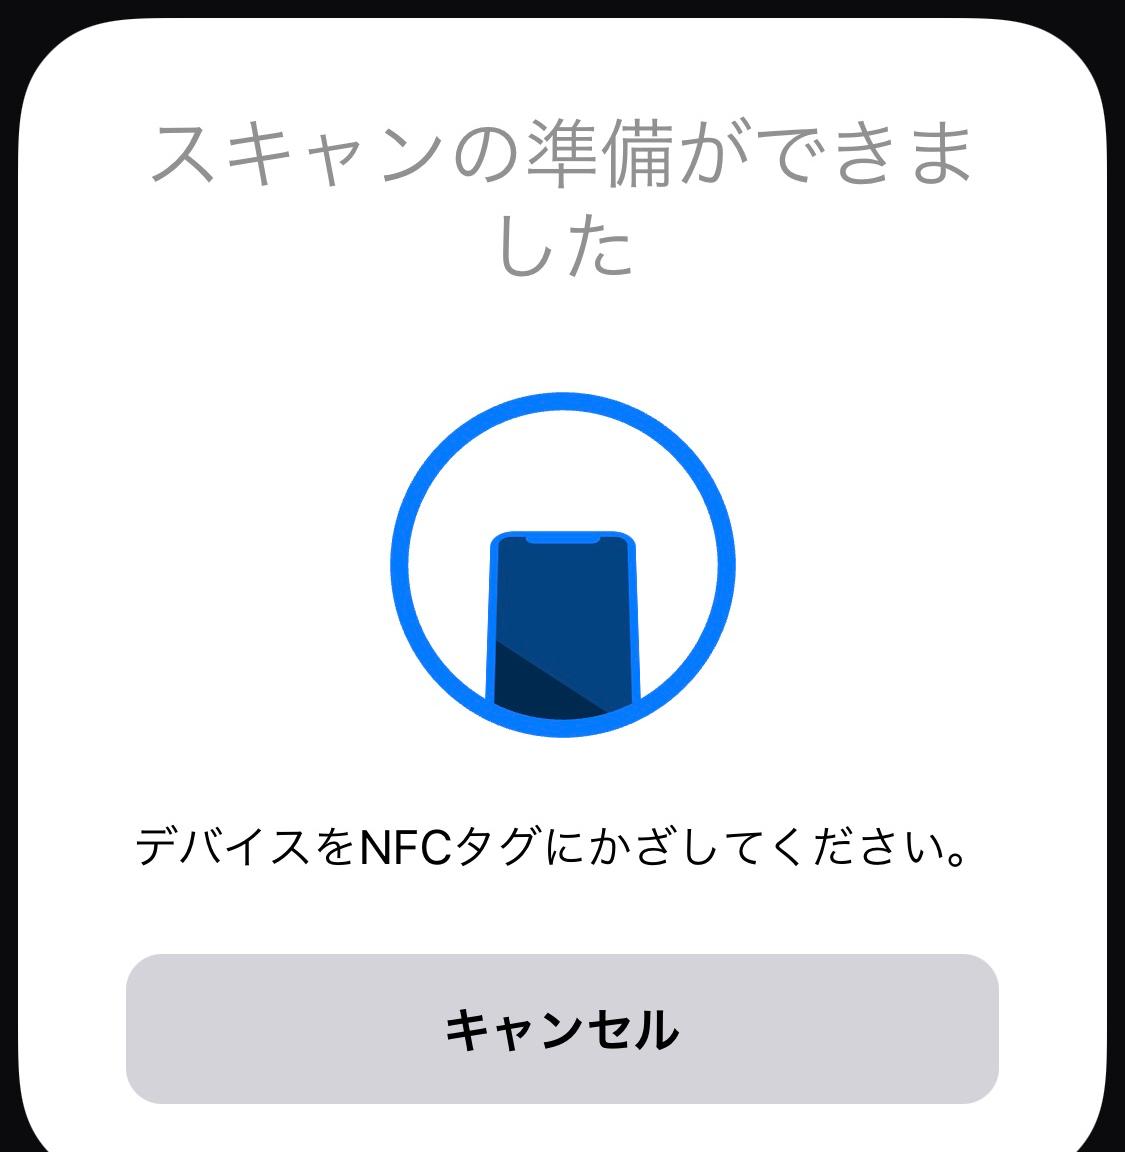 f:id:tkan1111:20201127120651p:plain